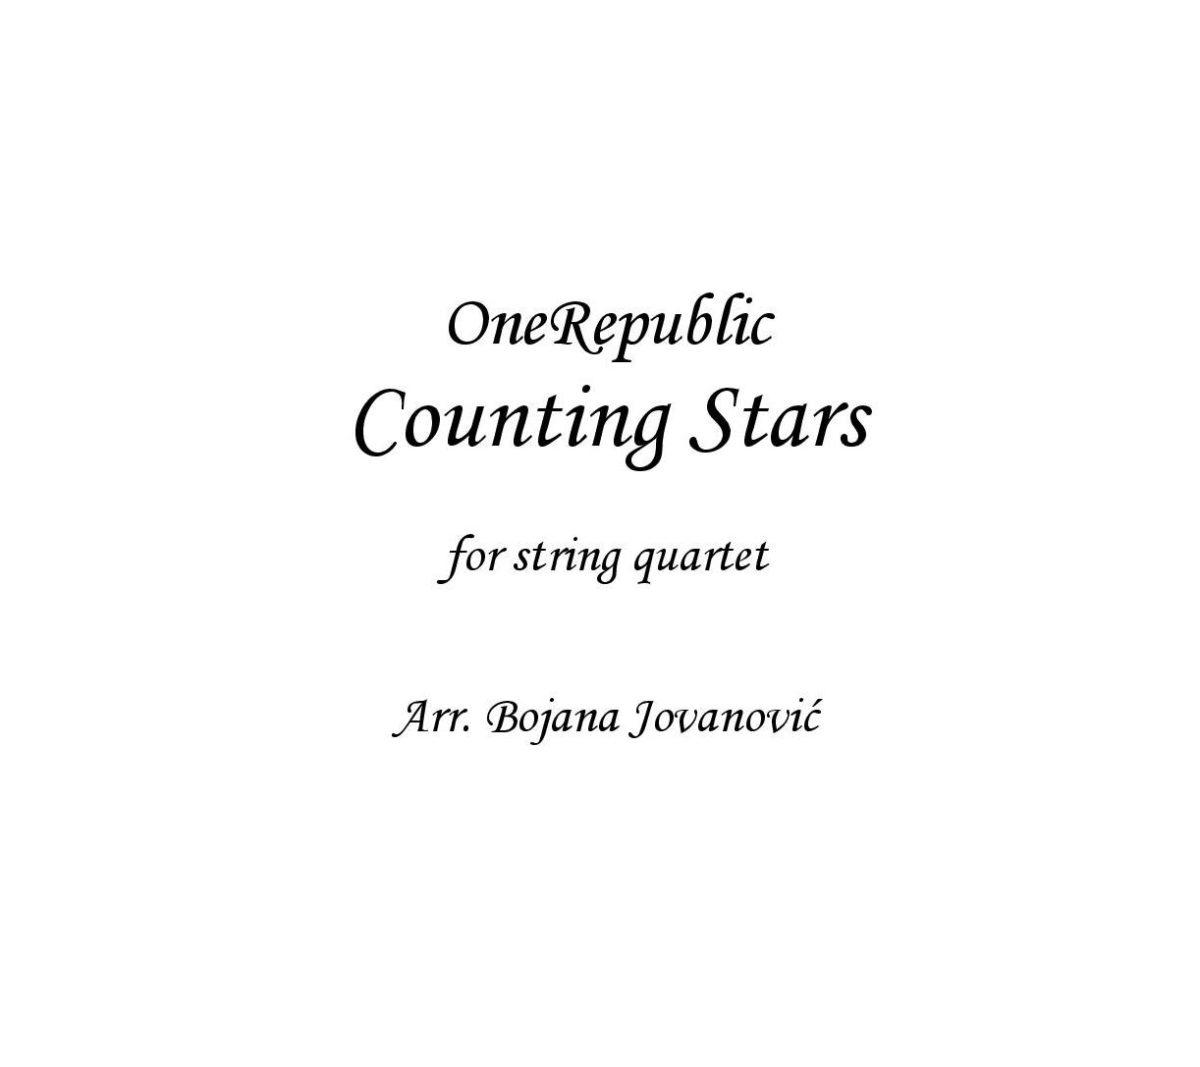 Counting stars (OneRepublic) - Sheet Music